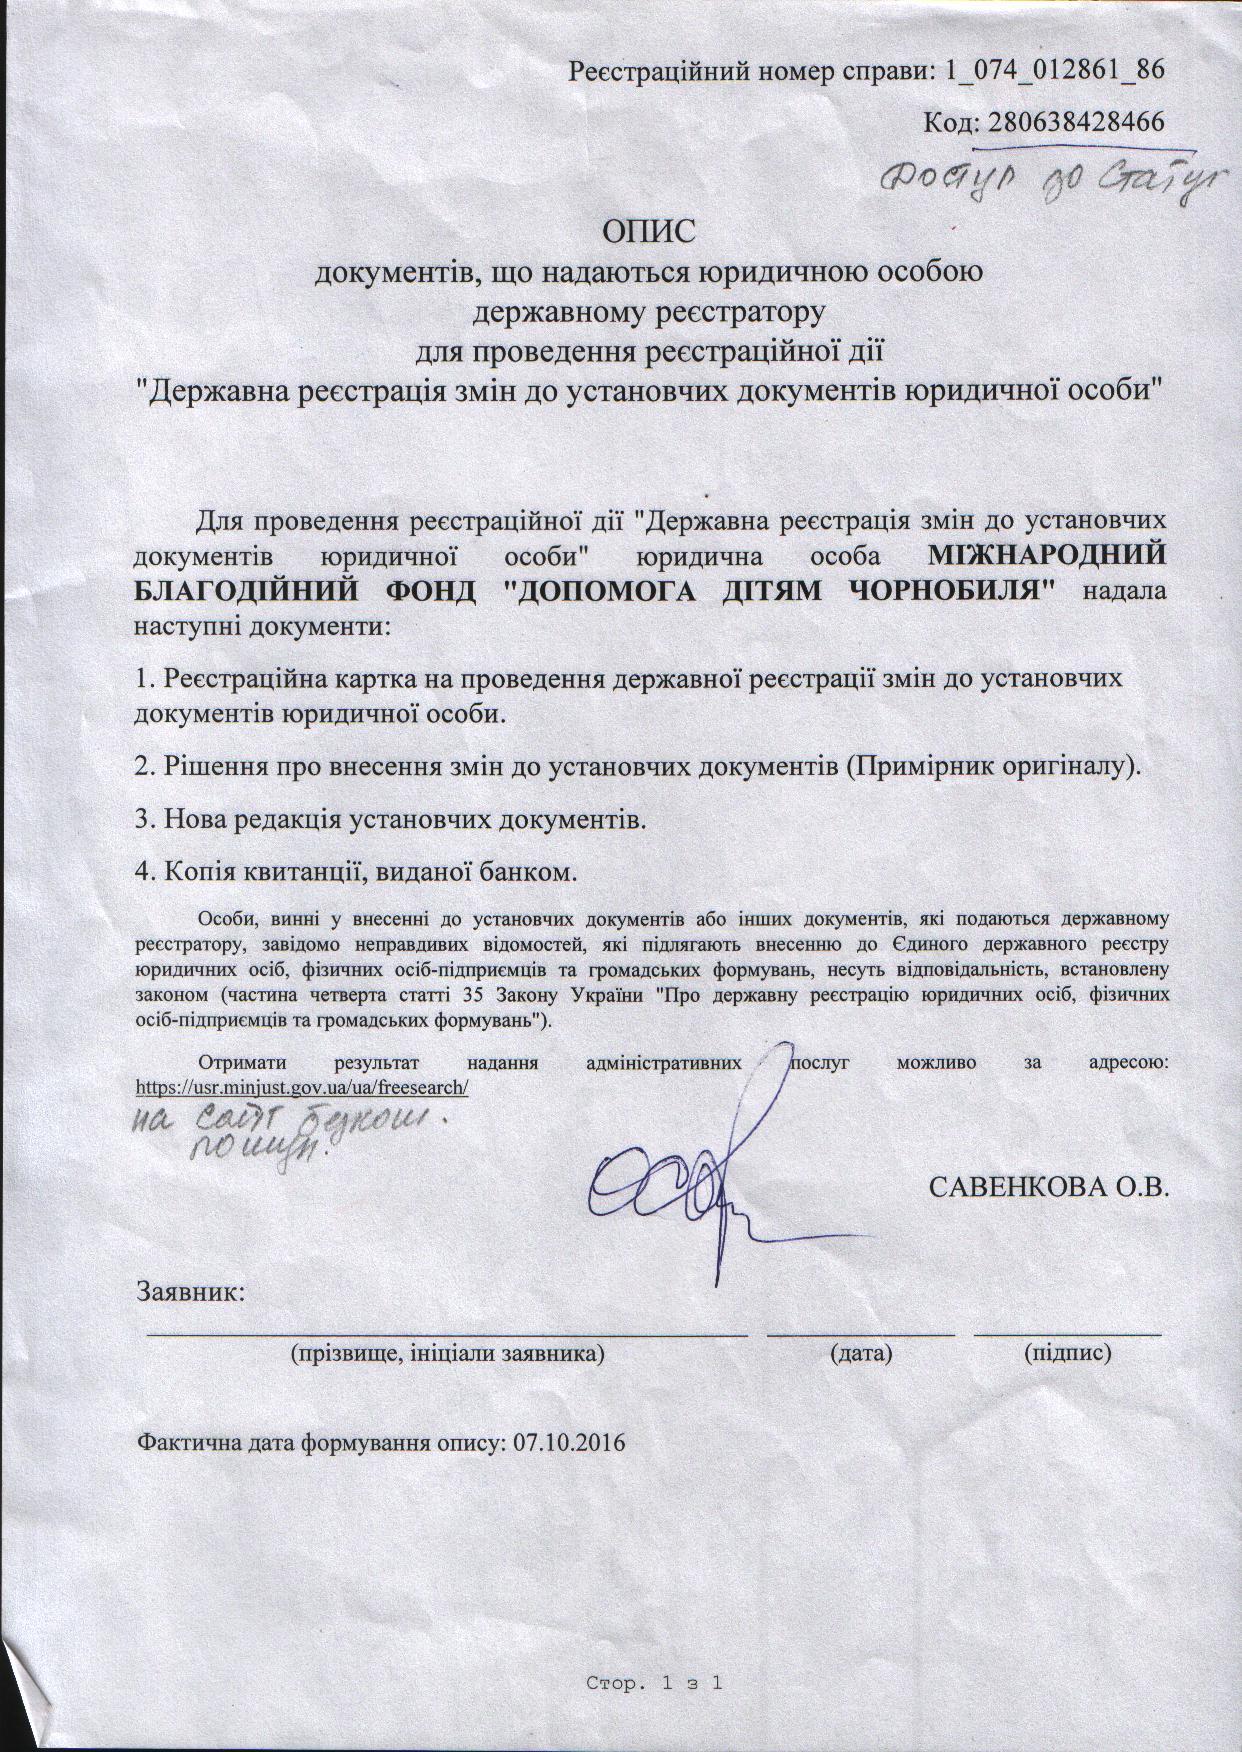 МБФ Допомога детям Чернобыля